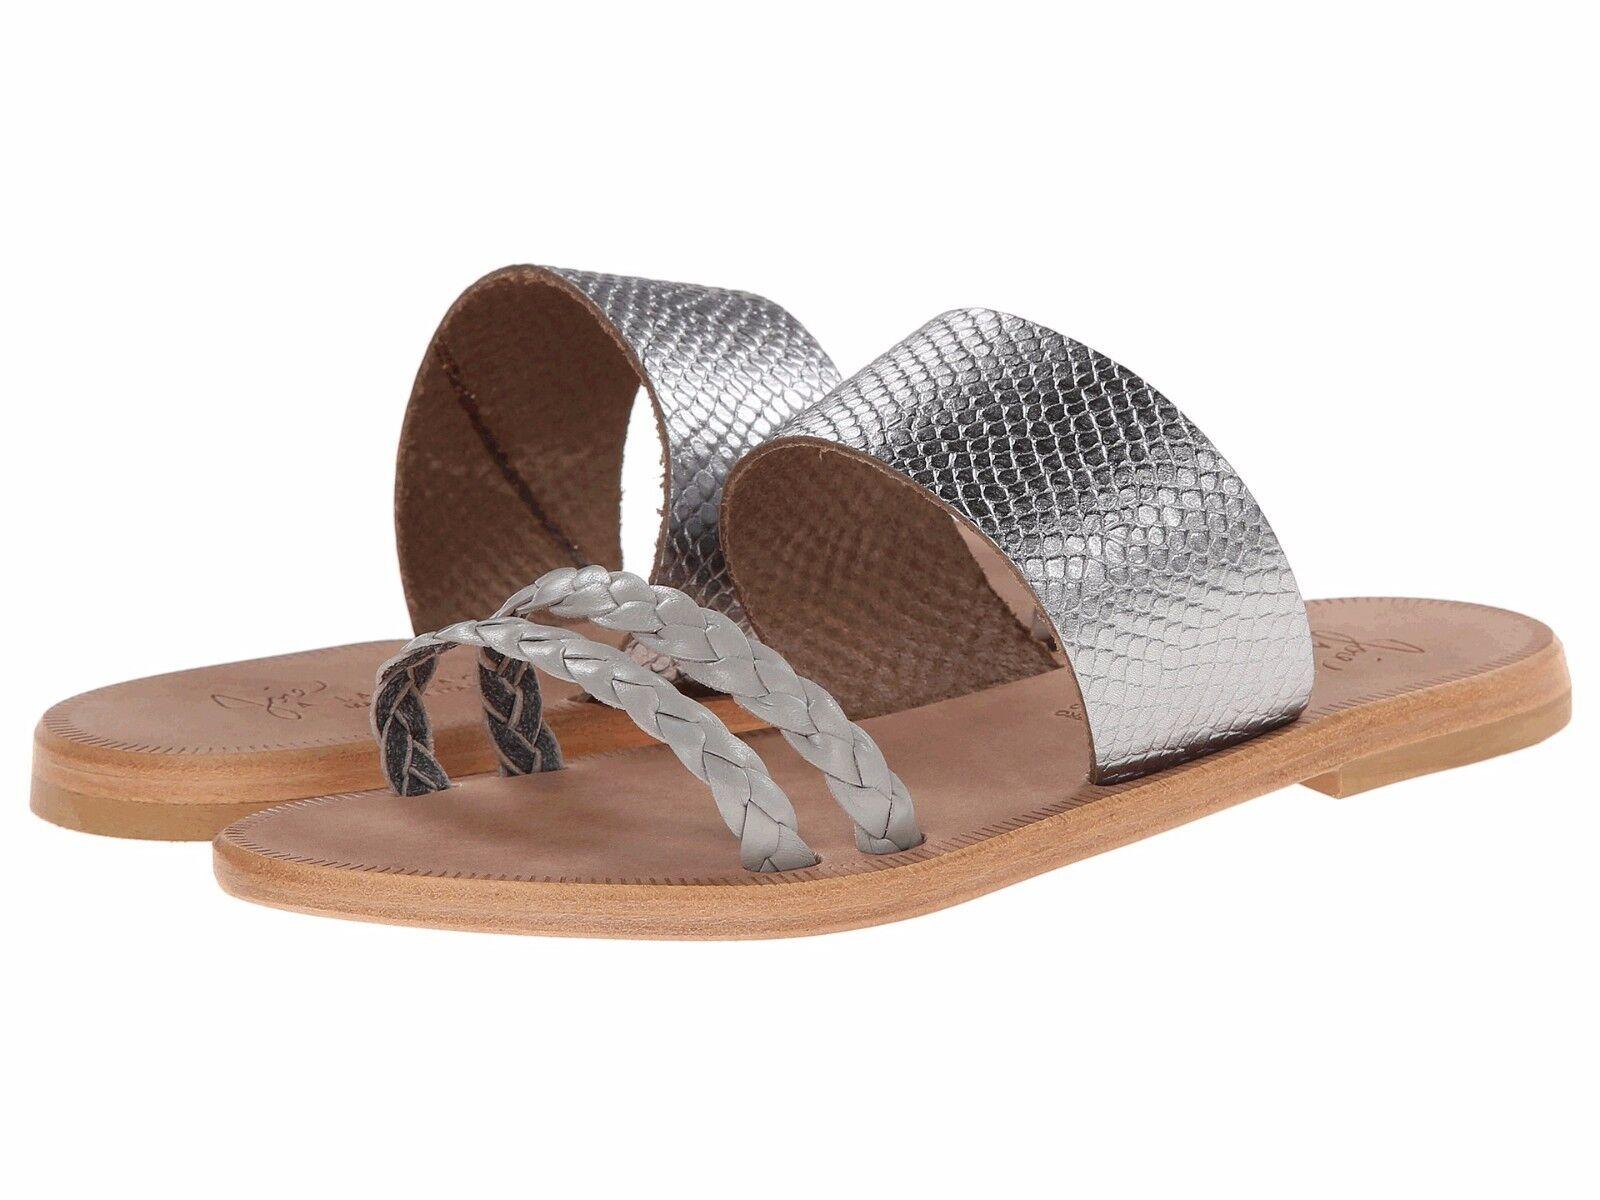 NWOT Joie A La Plage Diani Pelle Sandals Pewter Sz 38.5